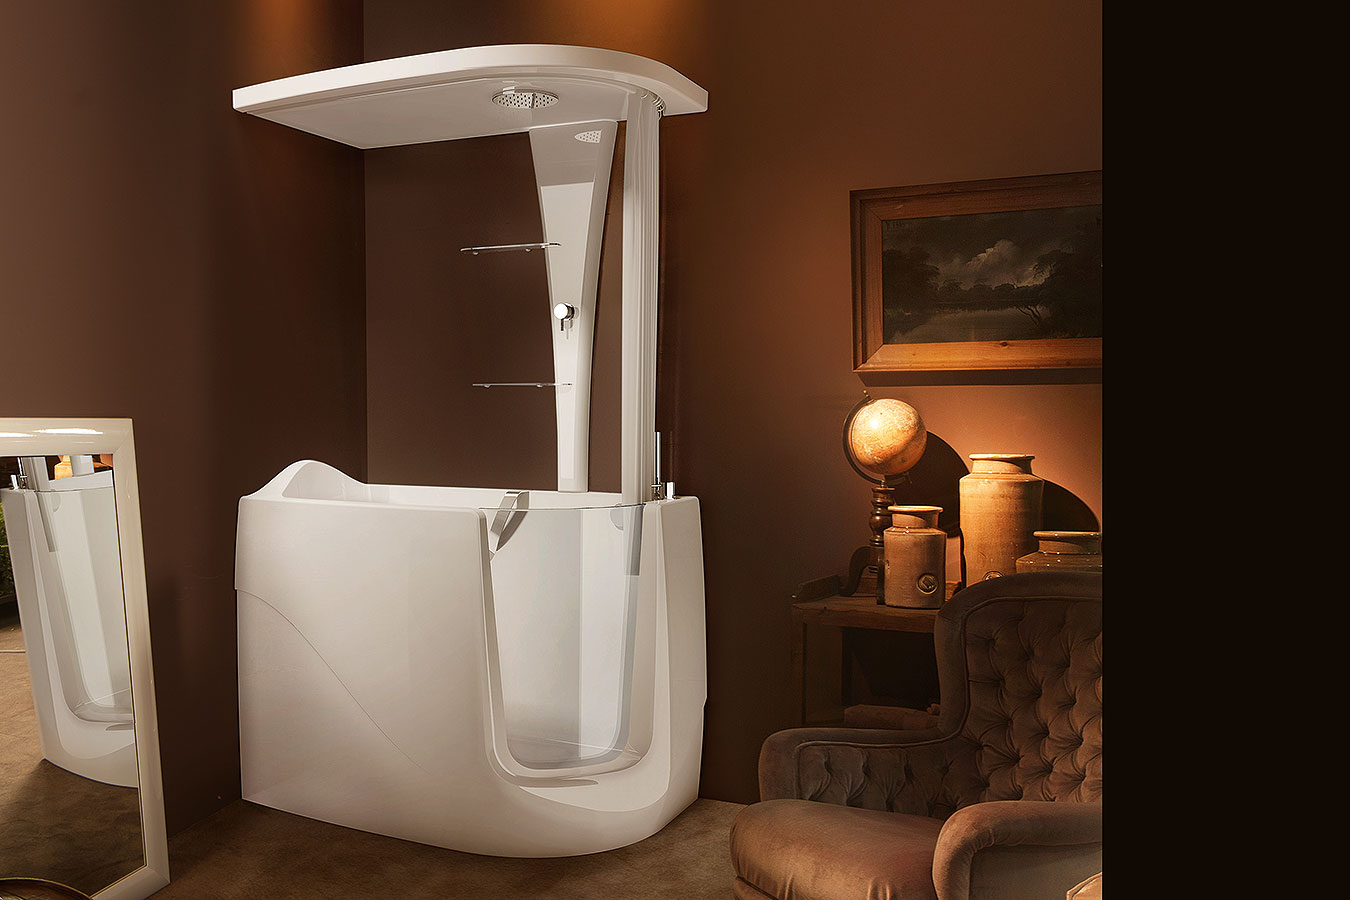 Gen x top i vasca da bagno per disabili anziani treesse edilceramiche di maccan - Vasche da bagno per anziani ...